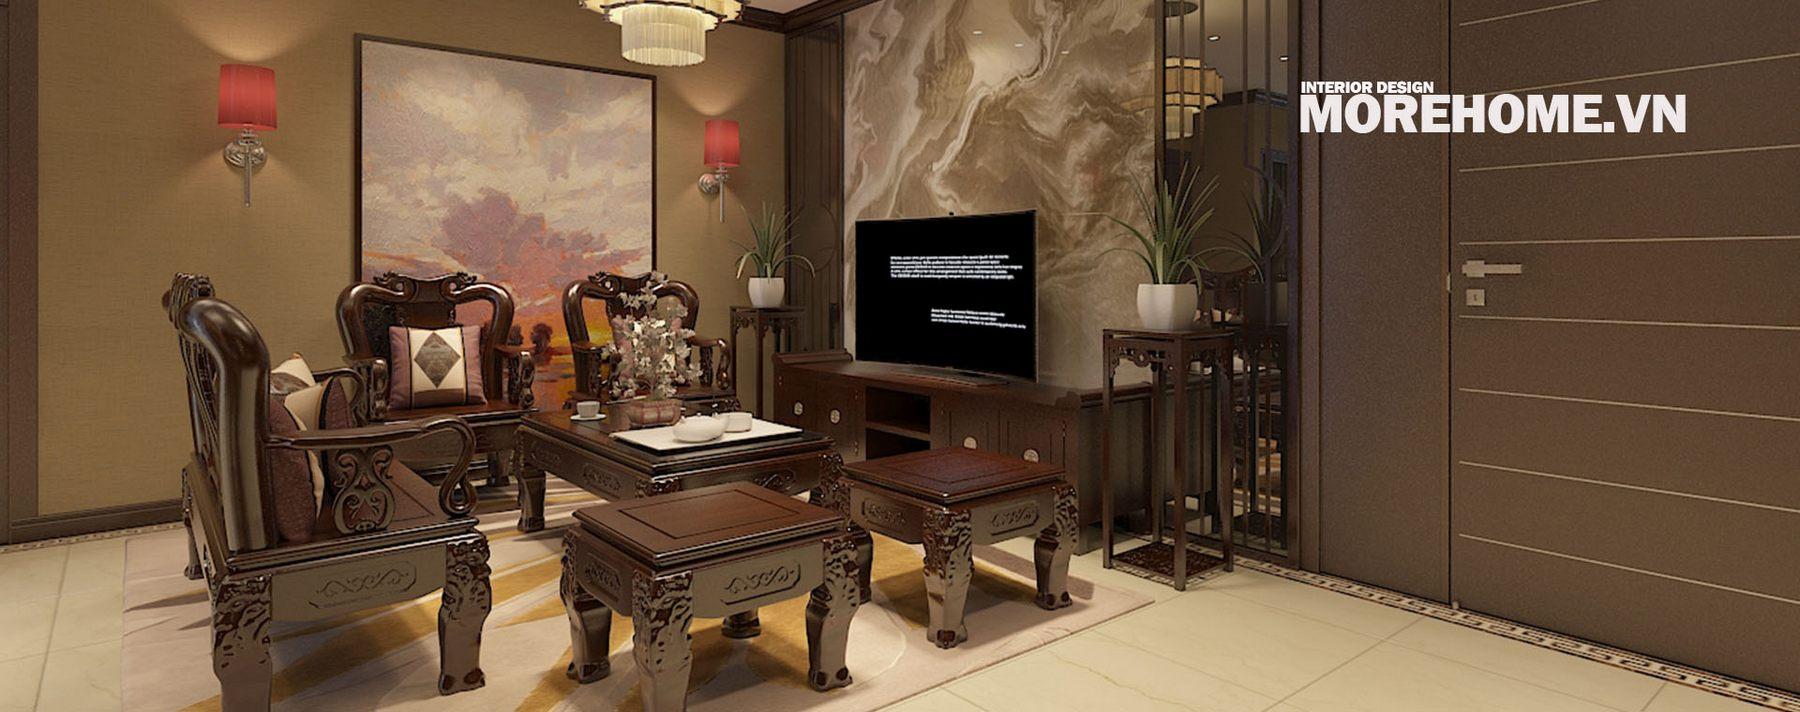 Thiết kế nội thất chung cư Hoàng Quốc Việt